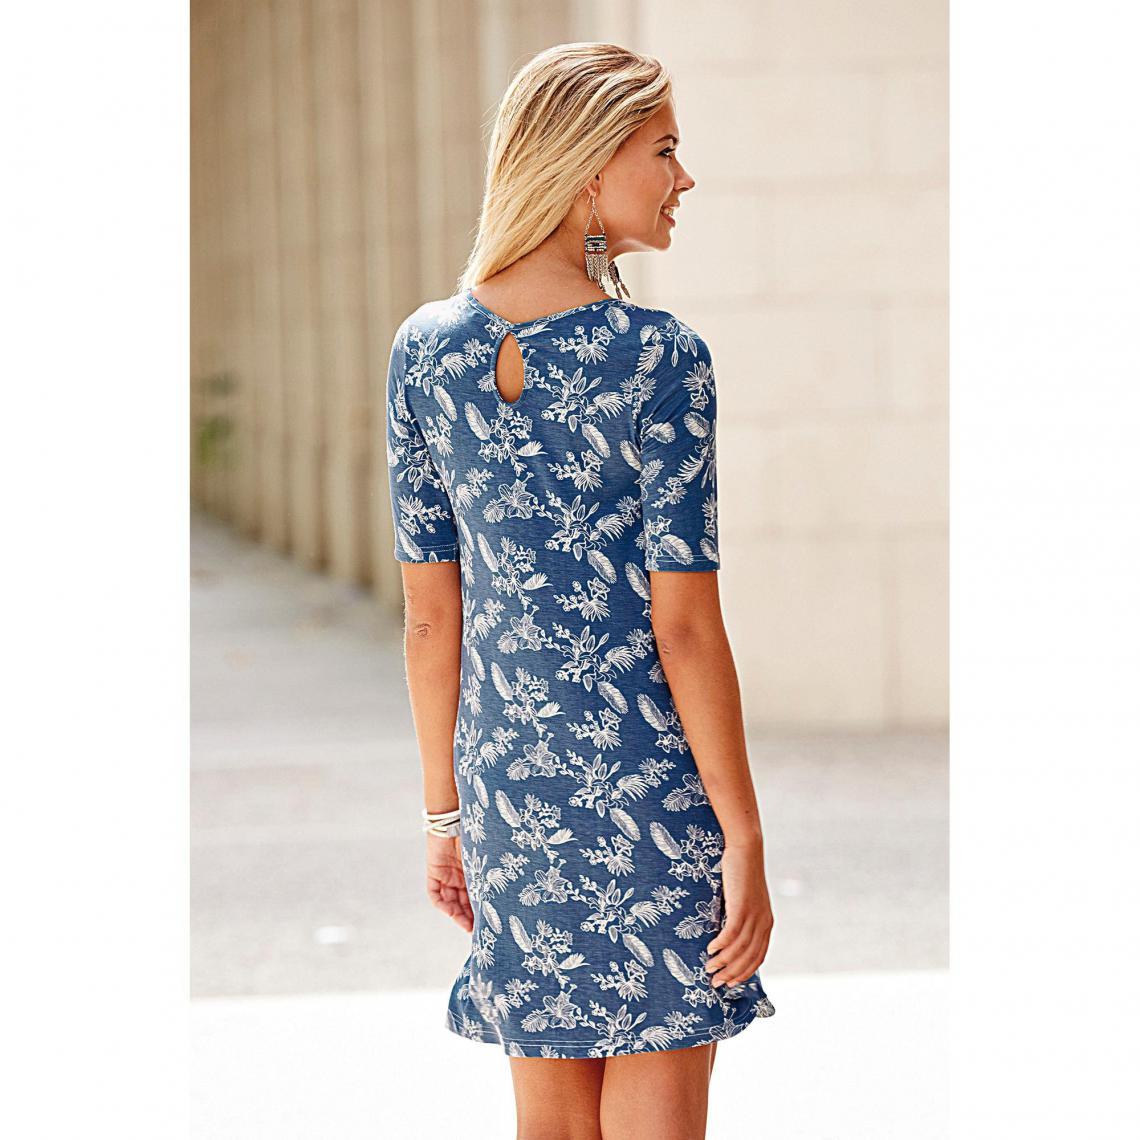 Robes courtes femme 3 Suisses Cliquez l image pour l agrandir. Robe évasée  imprimée manches aux coudes femme Exclusivité 3SUISSES - Imprimé Bleu ... ef153a45df67